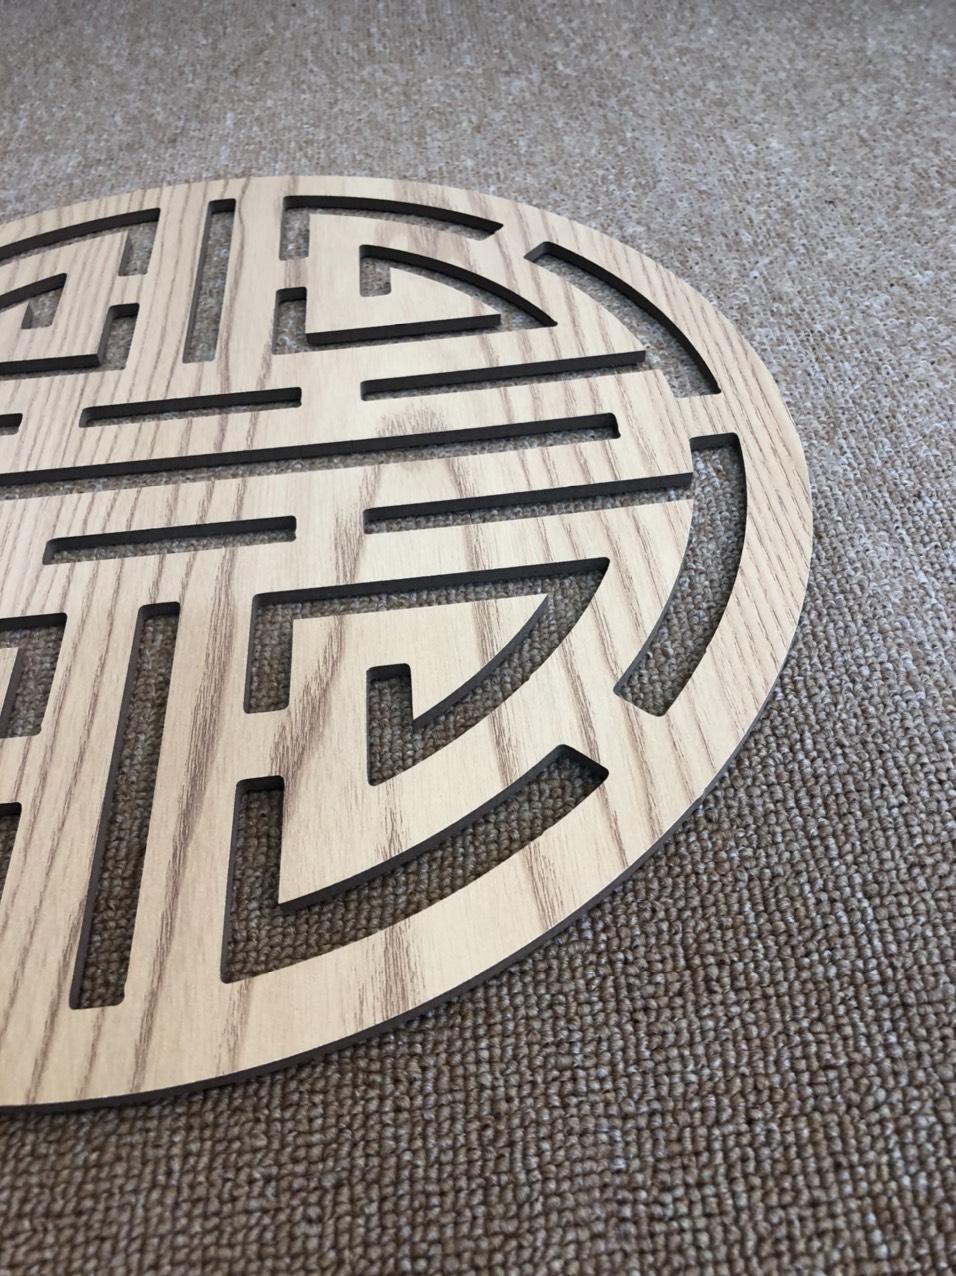 Tấm trang trí mẫu chữ Thọ Viền nhỏ (dành ốp lưng bàn thờ treo tường - TL141